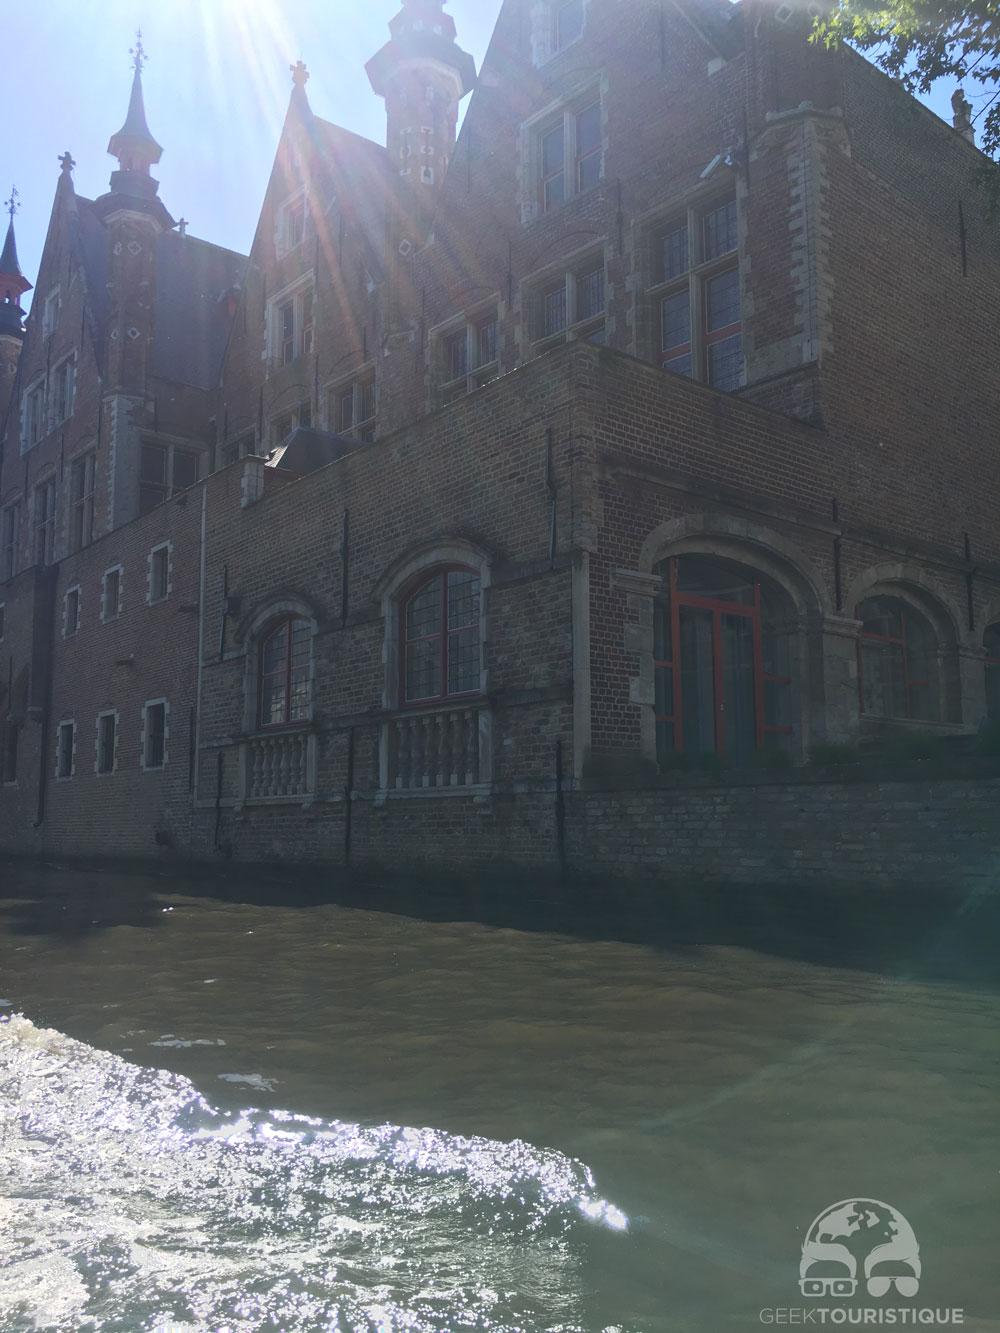 Geektouristique-Bruges-7